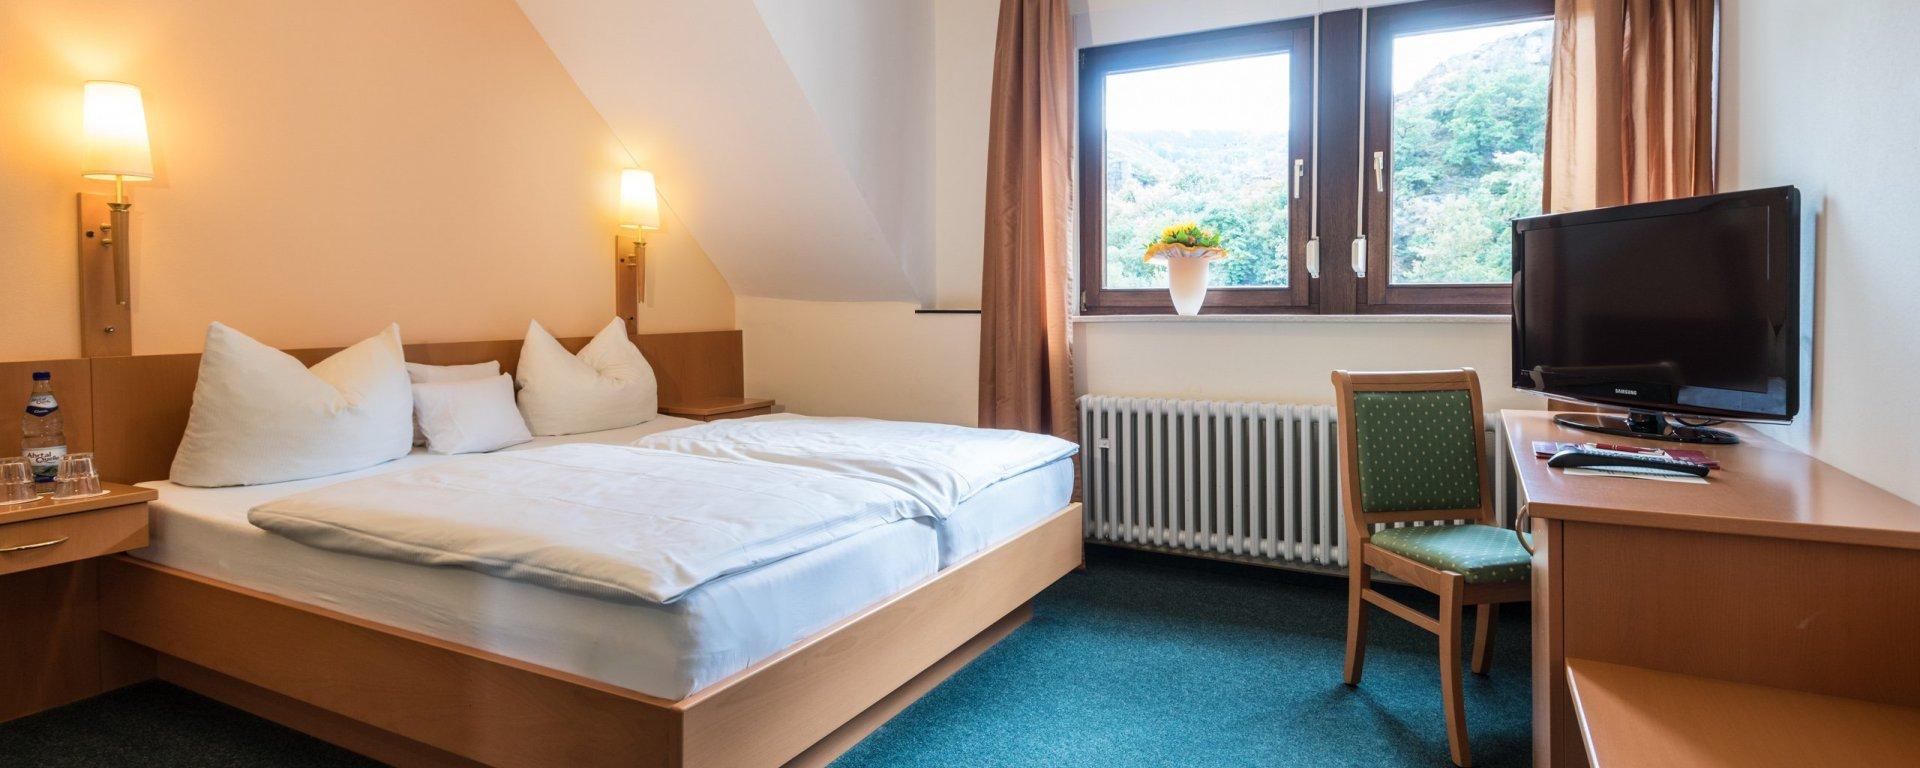 Doppelzimmer  Stammhaus Ahrseite